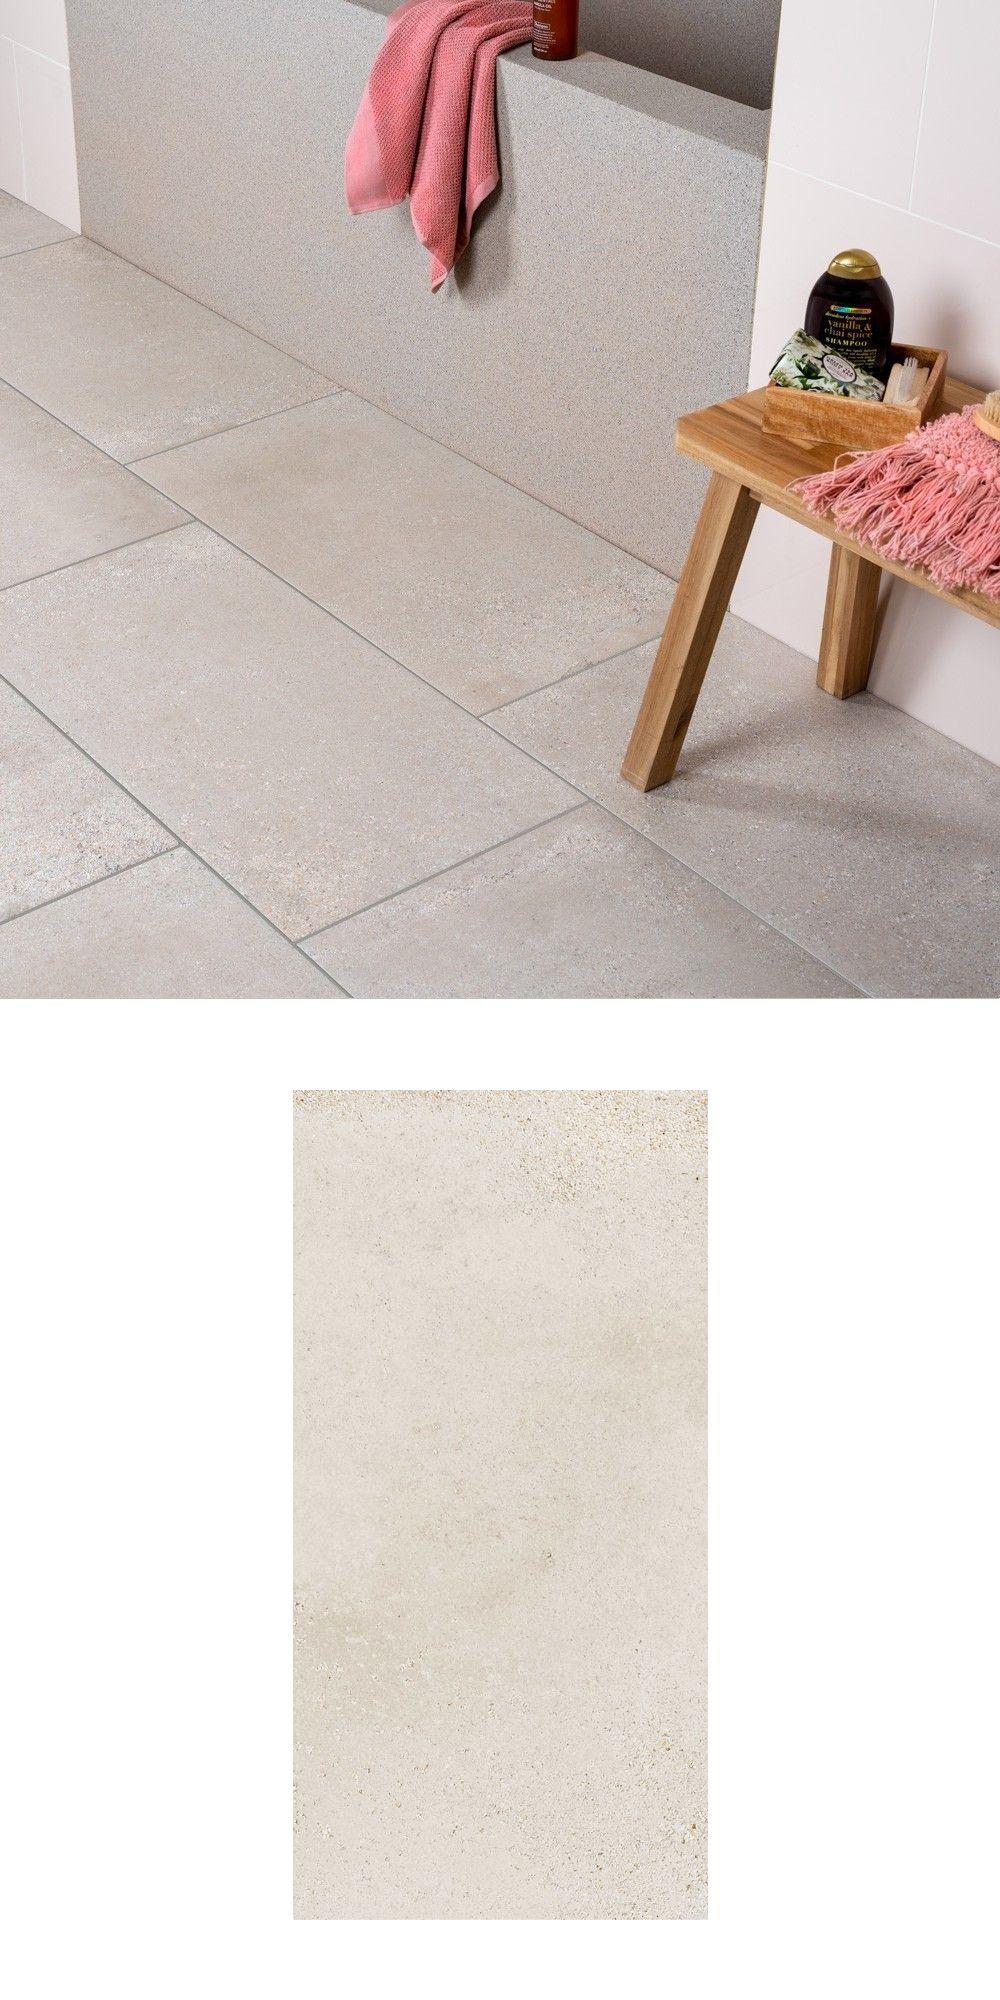 Harrogate Sand Tiles Tiles Bathroom Floor Tiles Stone Design